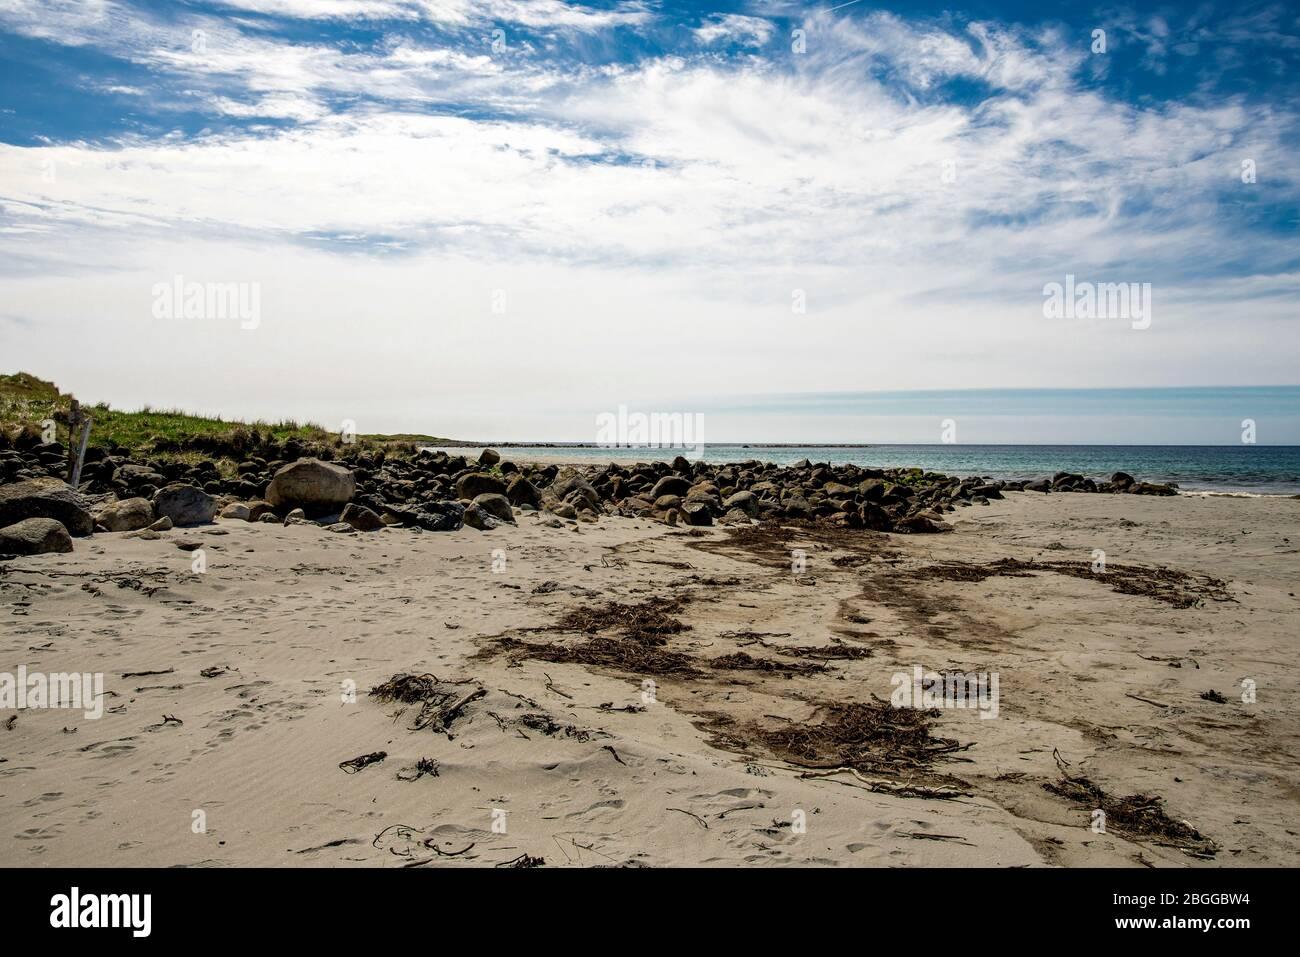 Rochers pittoresques et grands rochers sur la plage de Refsnesstranda près de Naerbo, Norvège, mai 2018 Banque D'Images